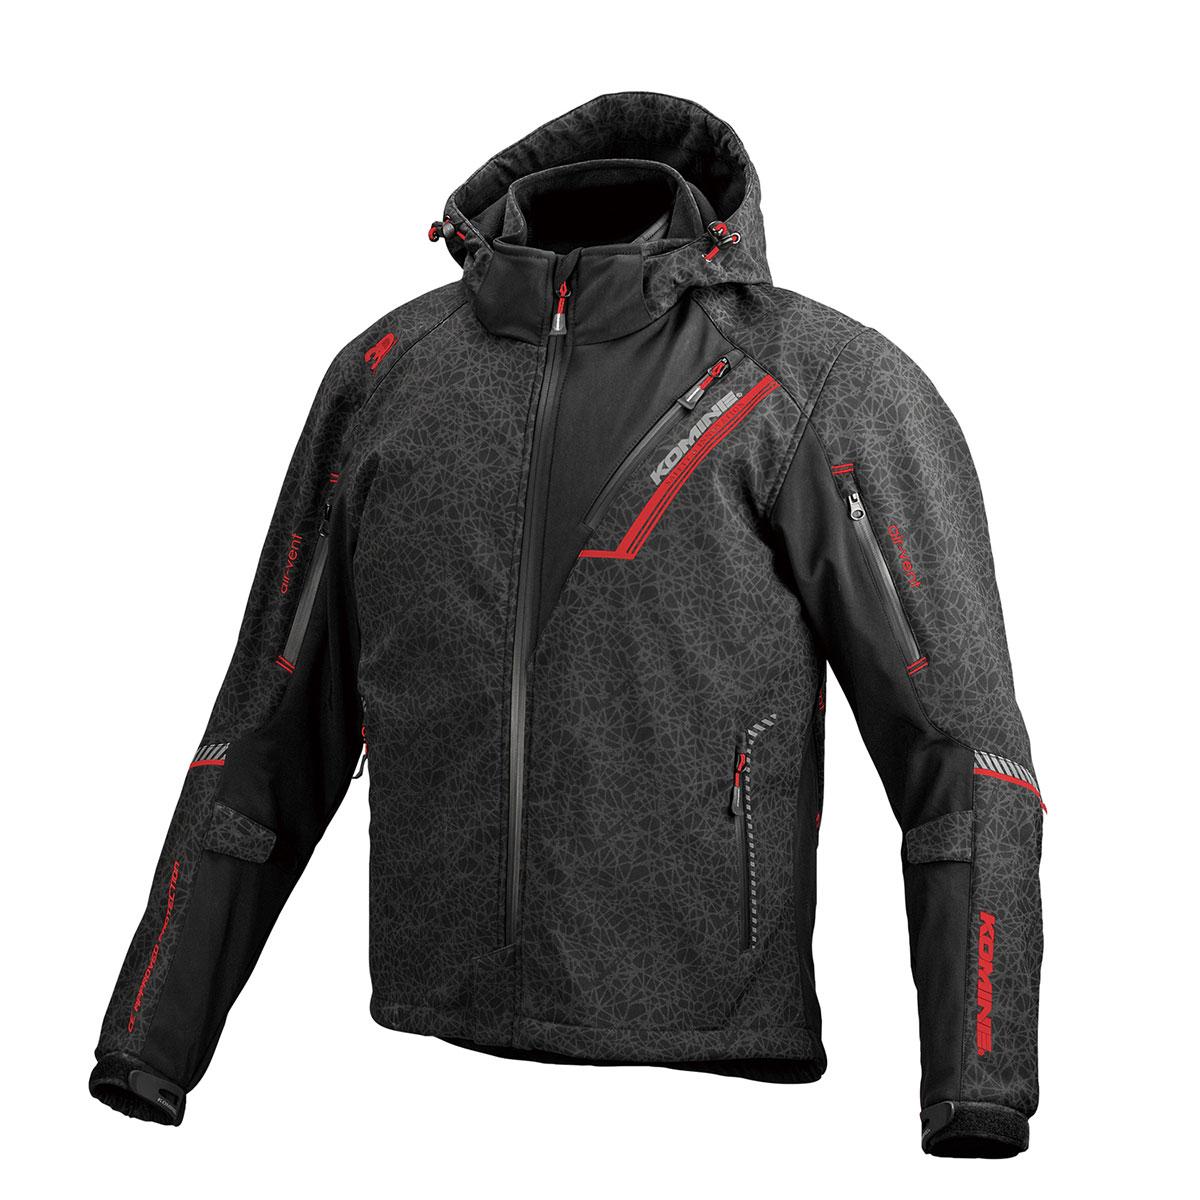 コミネ (Komine) バイク用 ジャケット Jacket JK-579 プロテクトソフトシェルウインターパーカ イフ(HRカラー) HR ブラック レッド 黒 赤 2XLサイズ 07-5791/BKRD/2XL